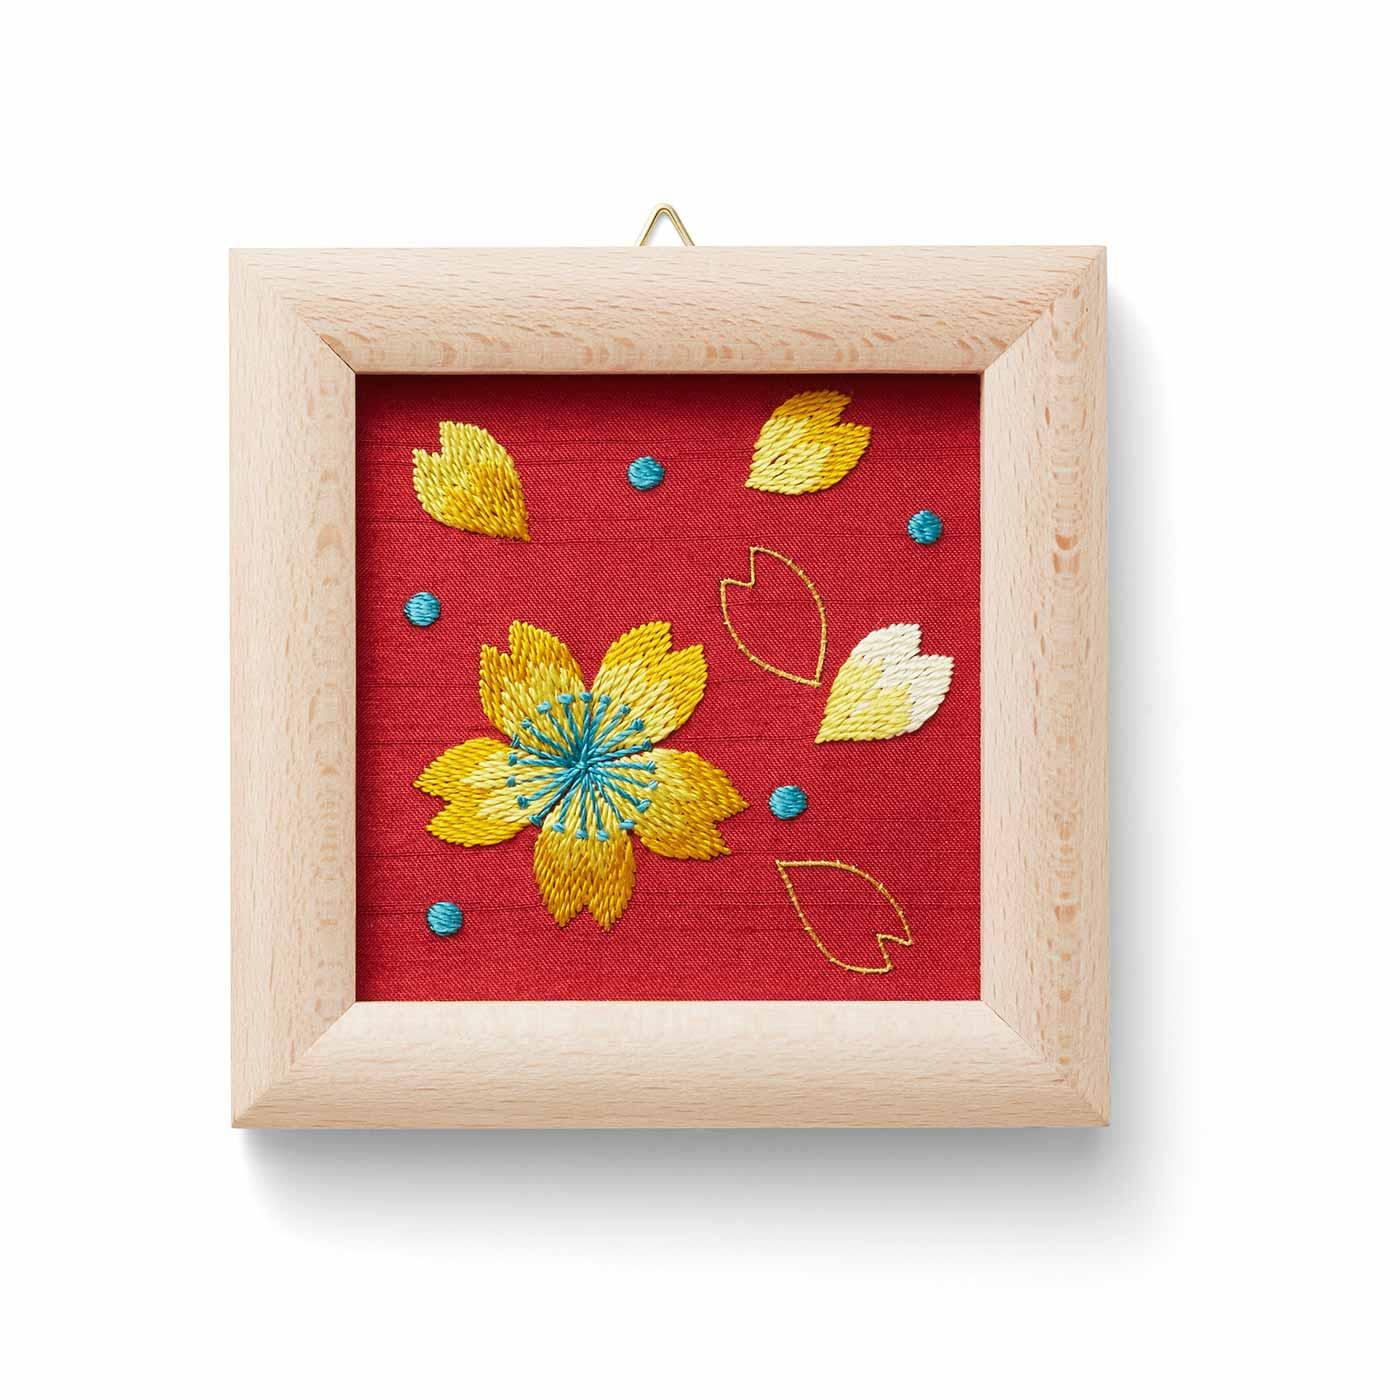 花籠(はなかご) フレーム:約10.5×10.5cm